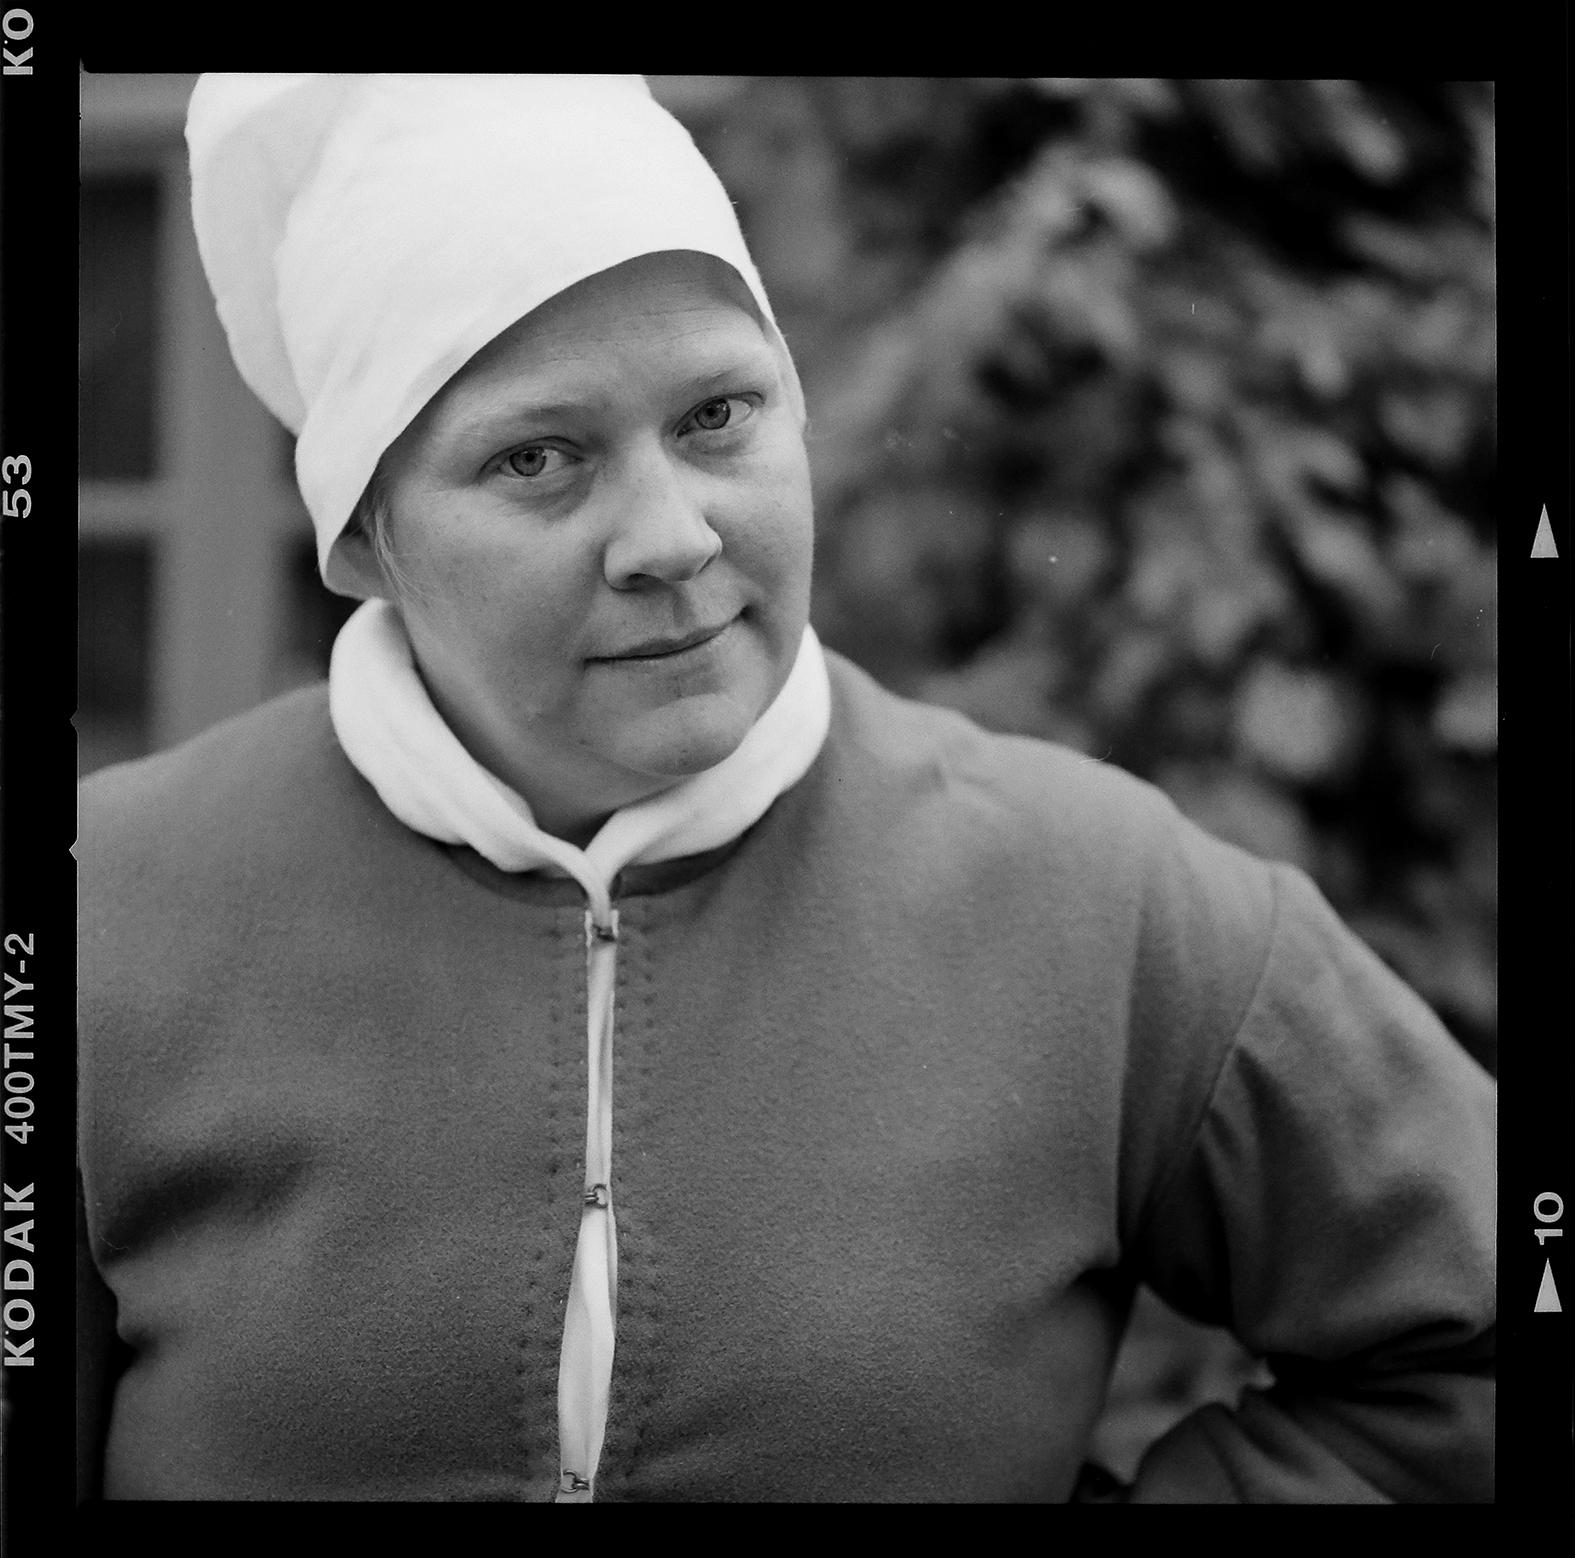 Nina Hedenfeldt smed på Sothöna. Foto: Mikael Andersson, 2016-06-20, Hasselblad 500 CM, f4-1/500sek.